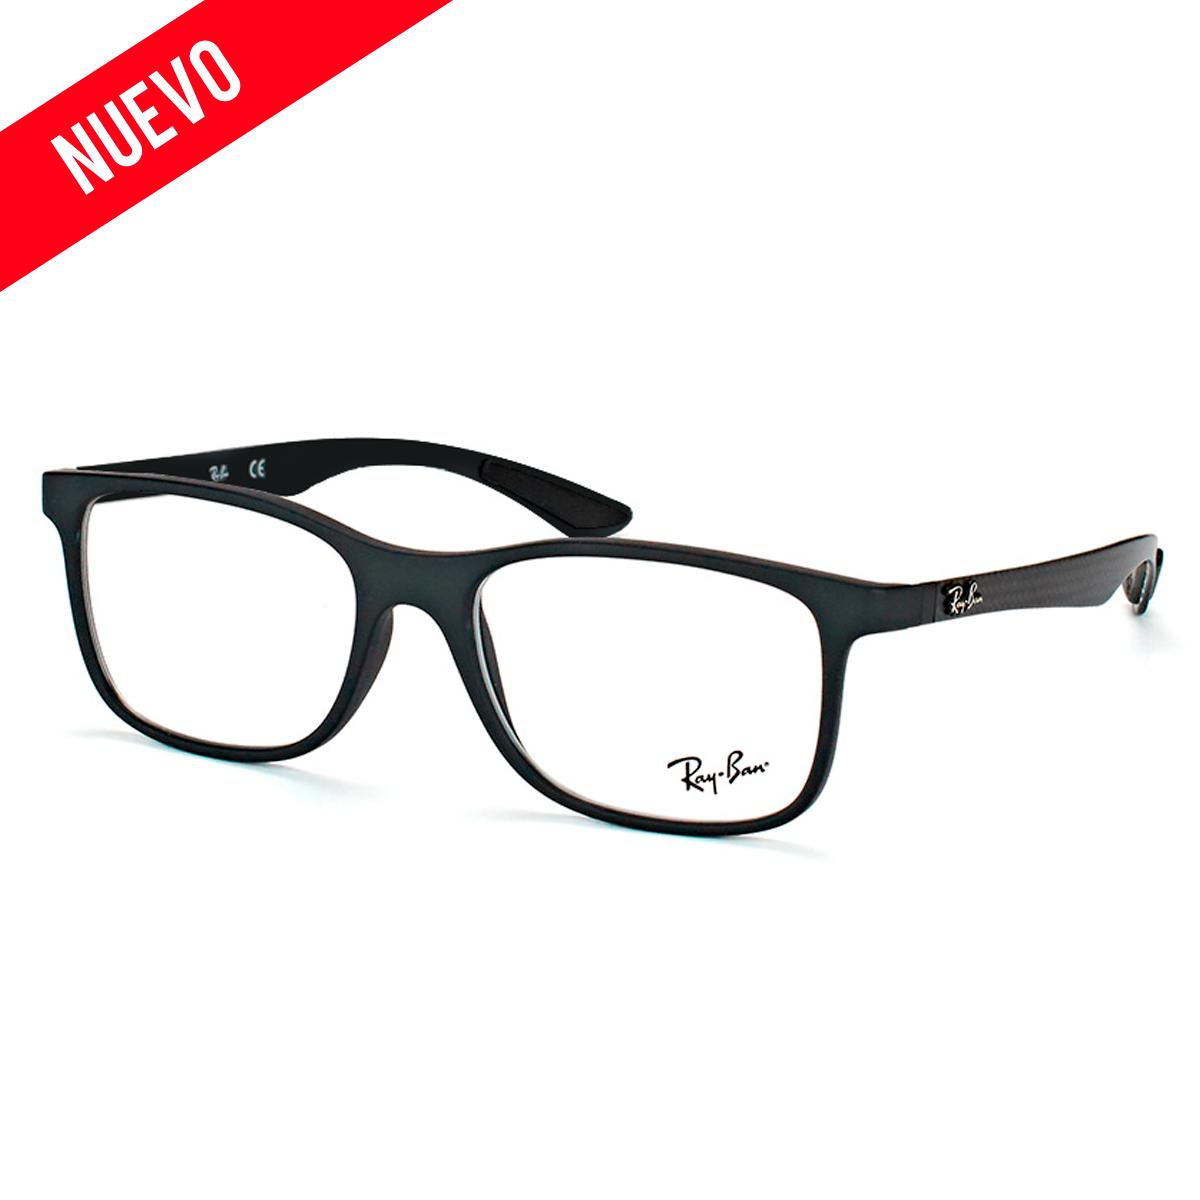 a6a9b1c093a RB8903 - FIBRA DE CARBONO NEGRO